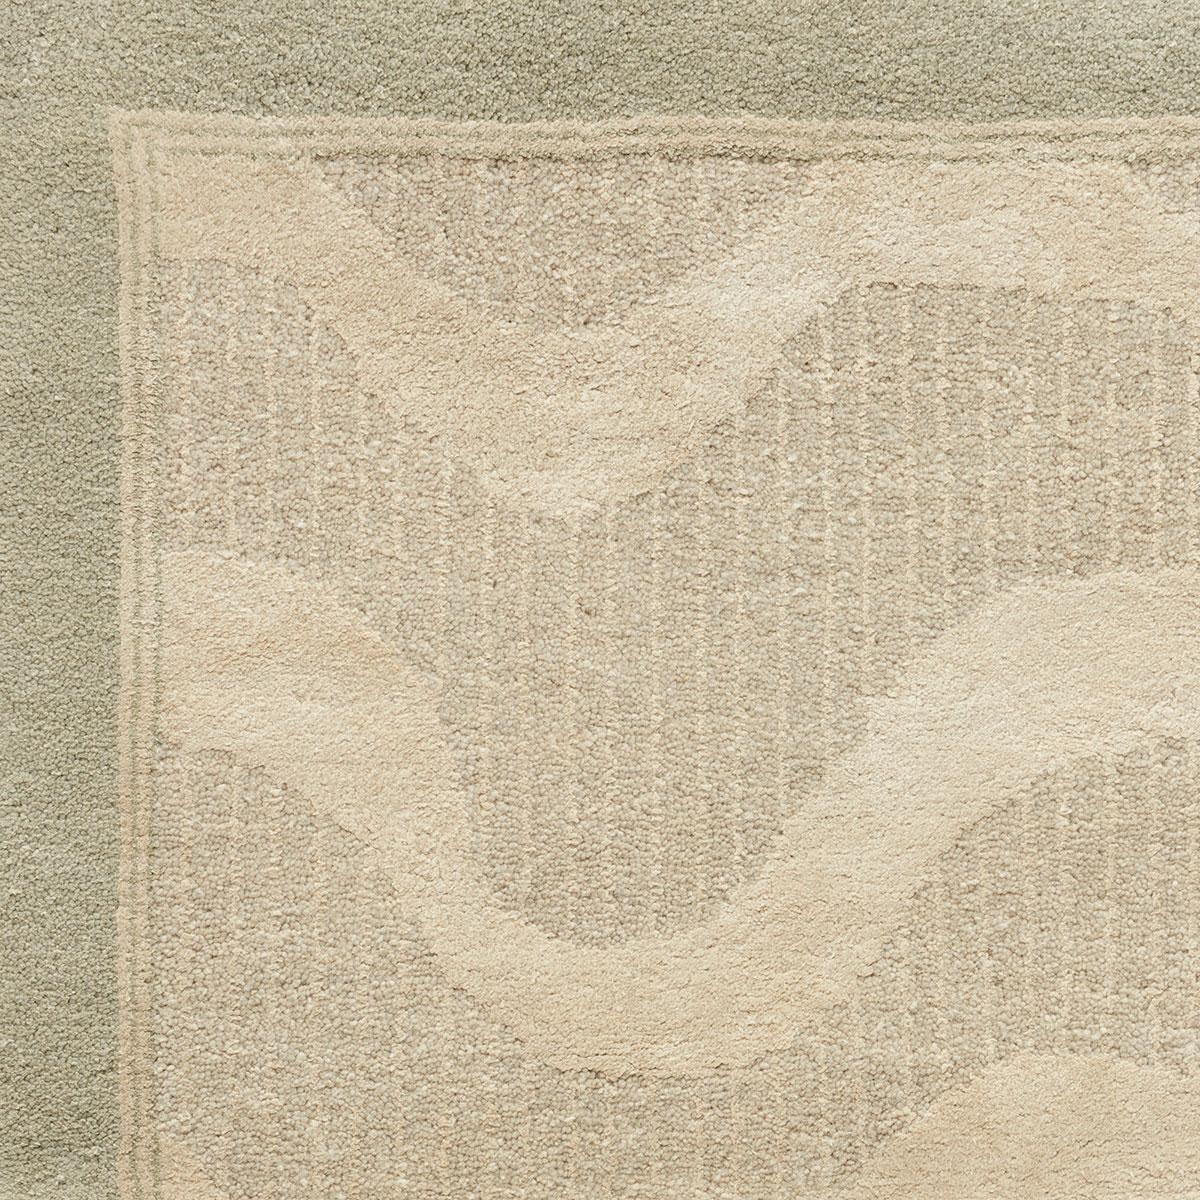 luli_wool-silk_hand-knotted_patterson-flynn-martin_pfm